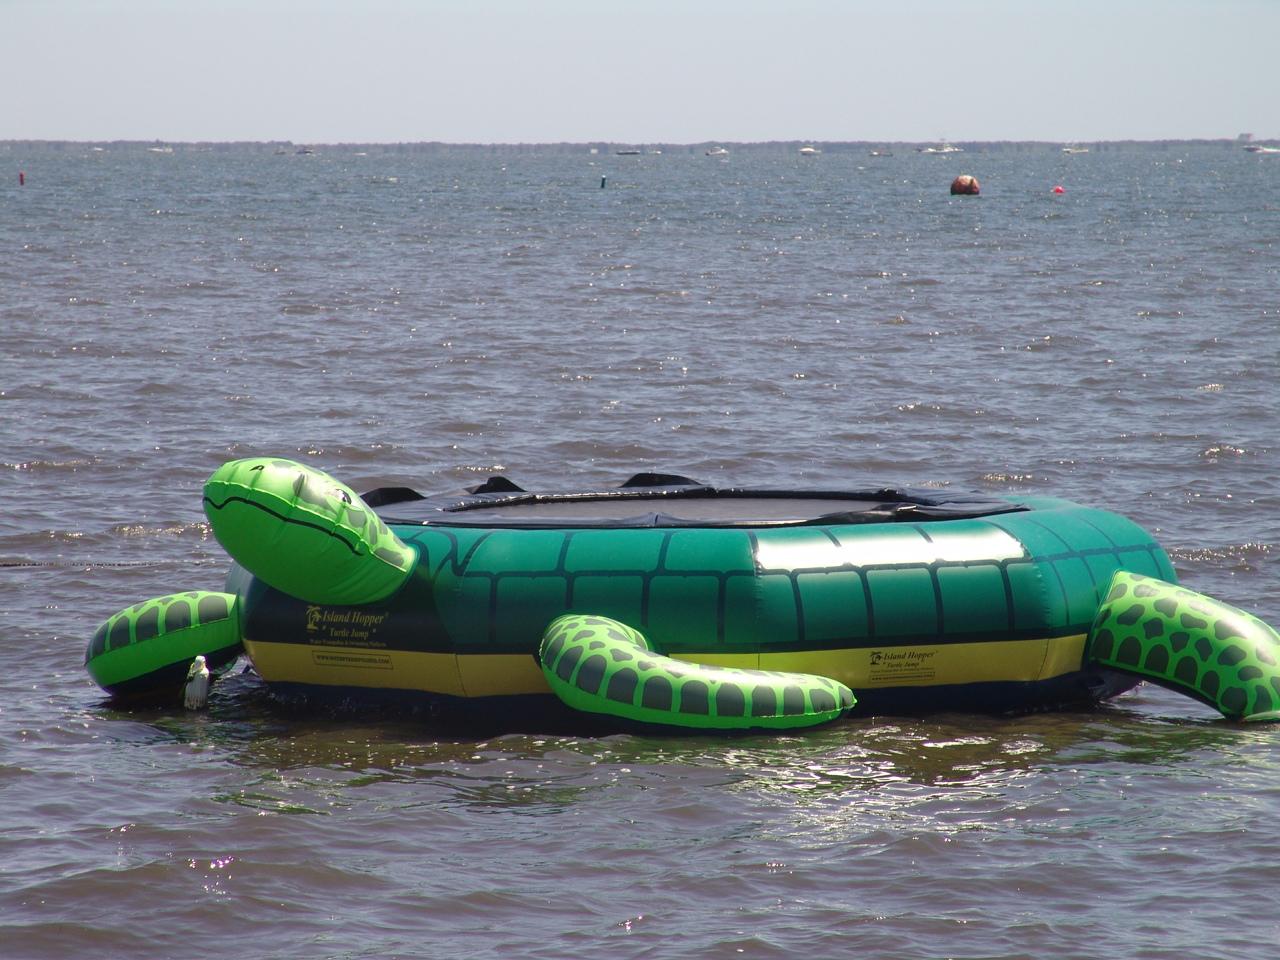 Island Hopper Turtle Jump Water Trampoline